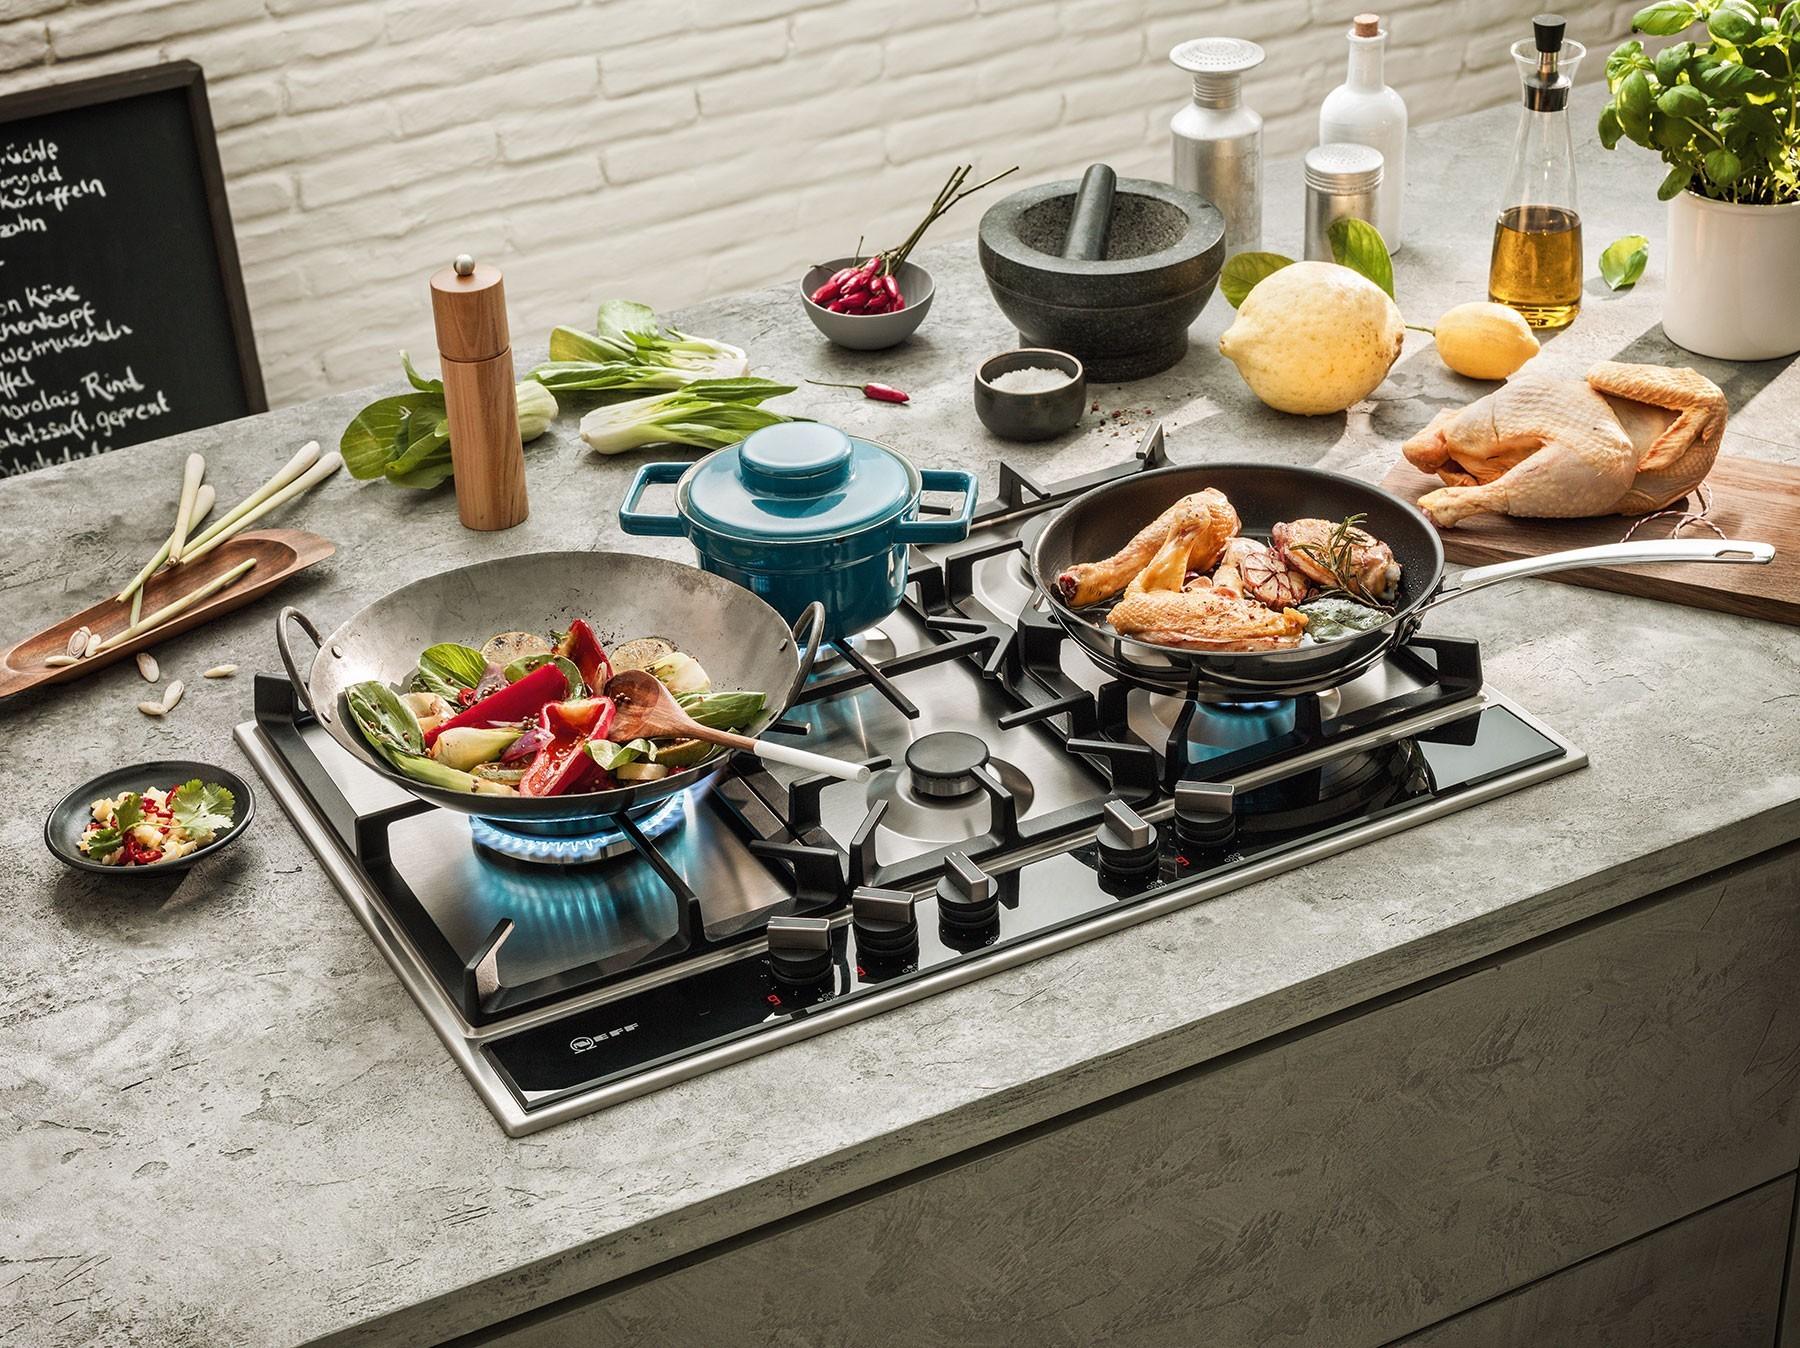 Piani Cottura NEFF:  Il piano cottura ideale per ogni stile di cucina